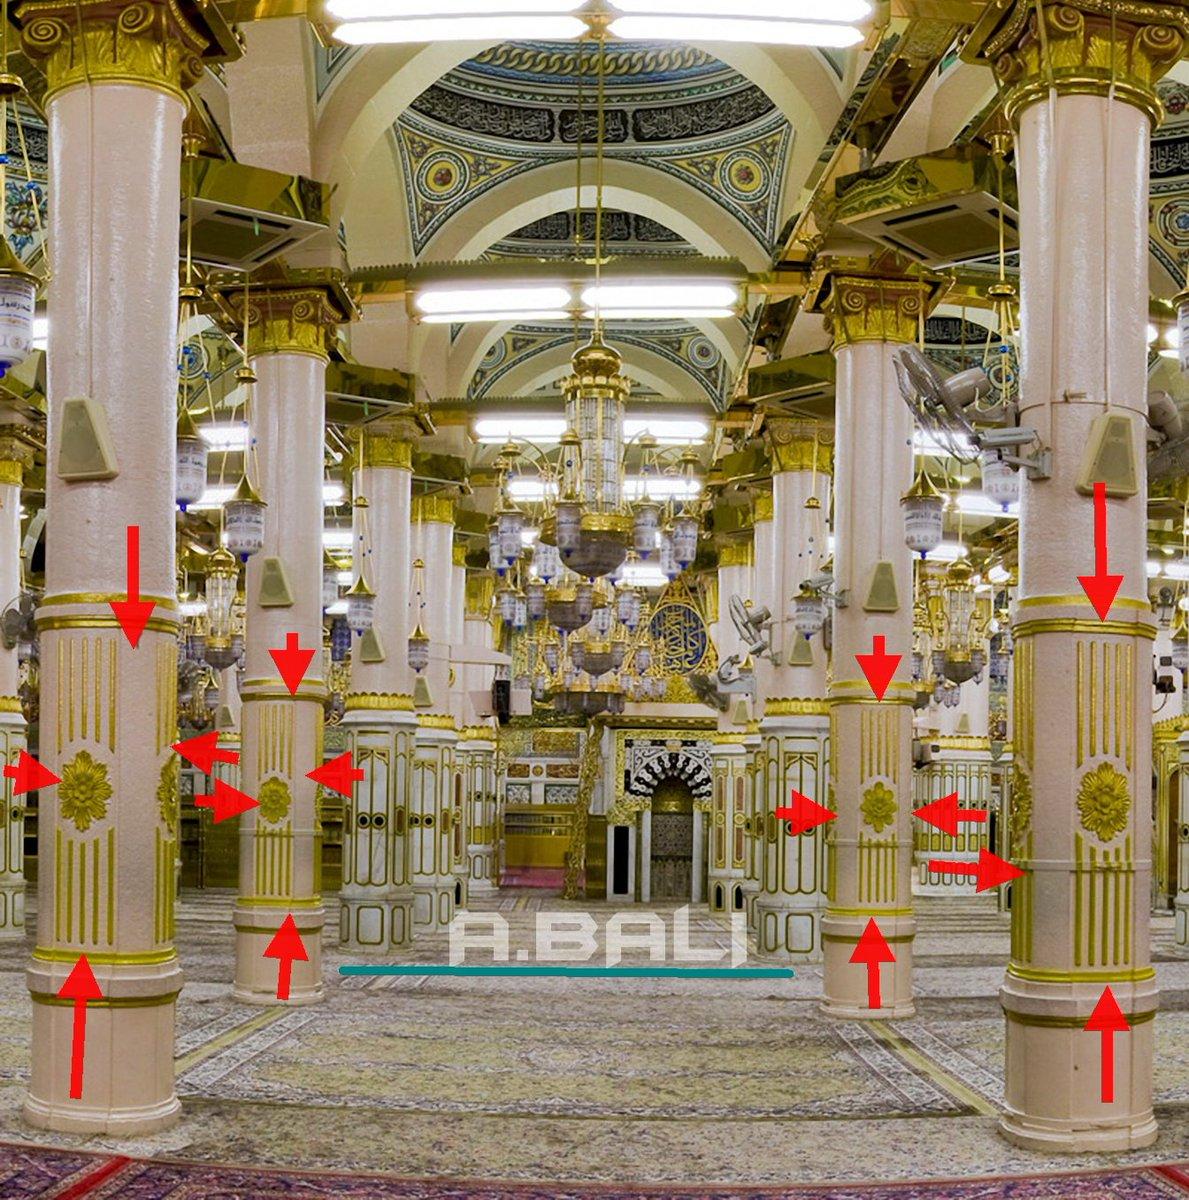 عبدالعزيز بالي Twitterissa العلامات أو الرموز في الحرم النبوي هذه العلامة تدل على حدود المسجد عندما بناه رسول اللهﷺ عام 1 هـ